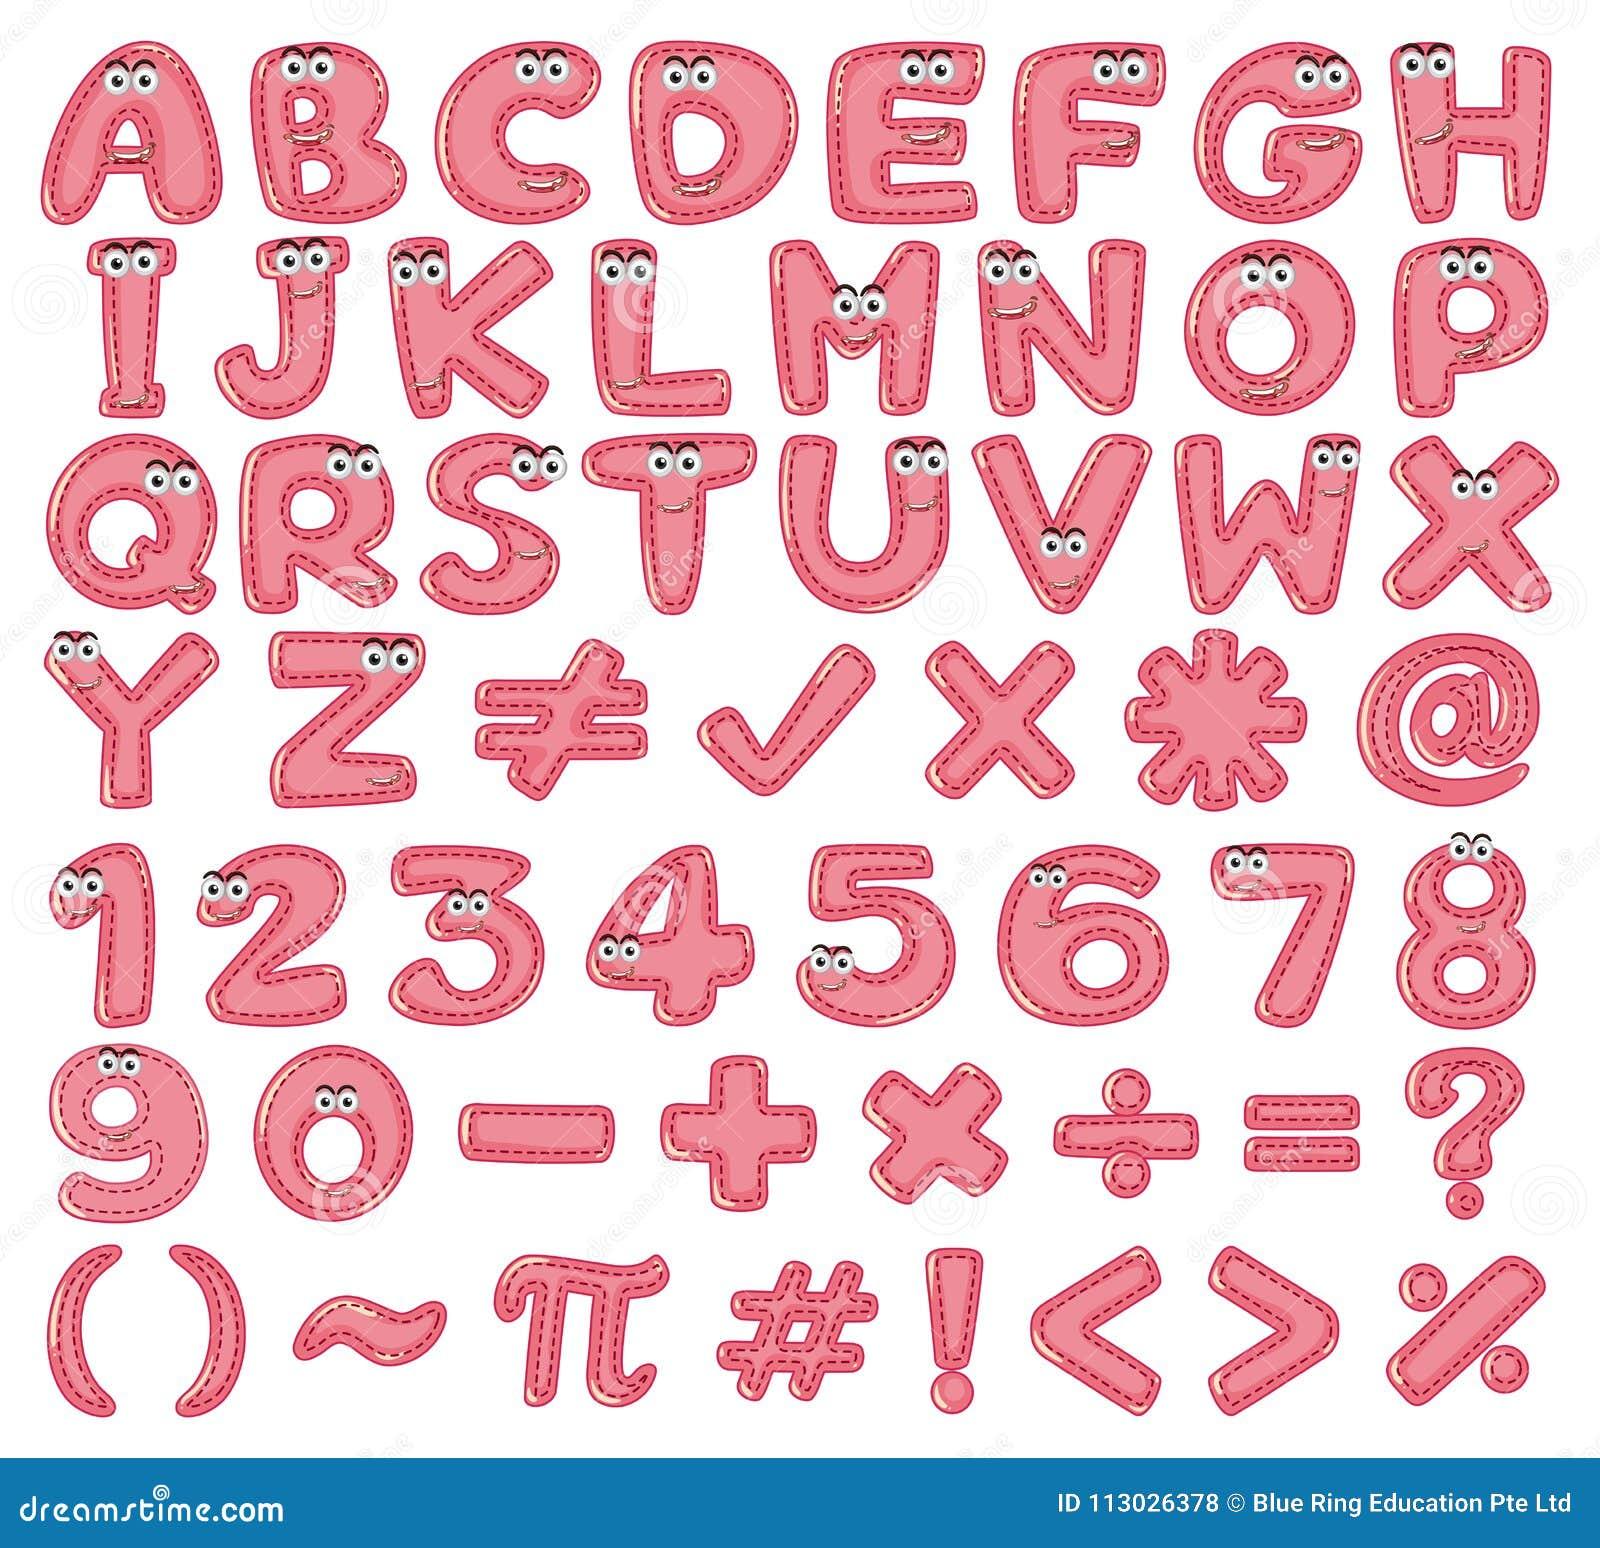 Diseño de la fuente para los alfabetos ingleses y los números en rosa